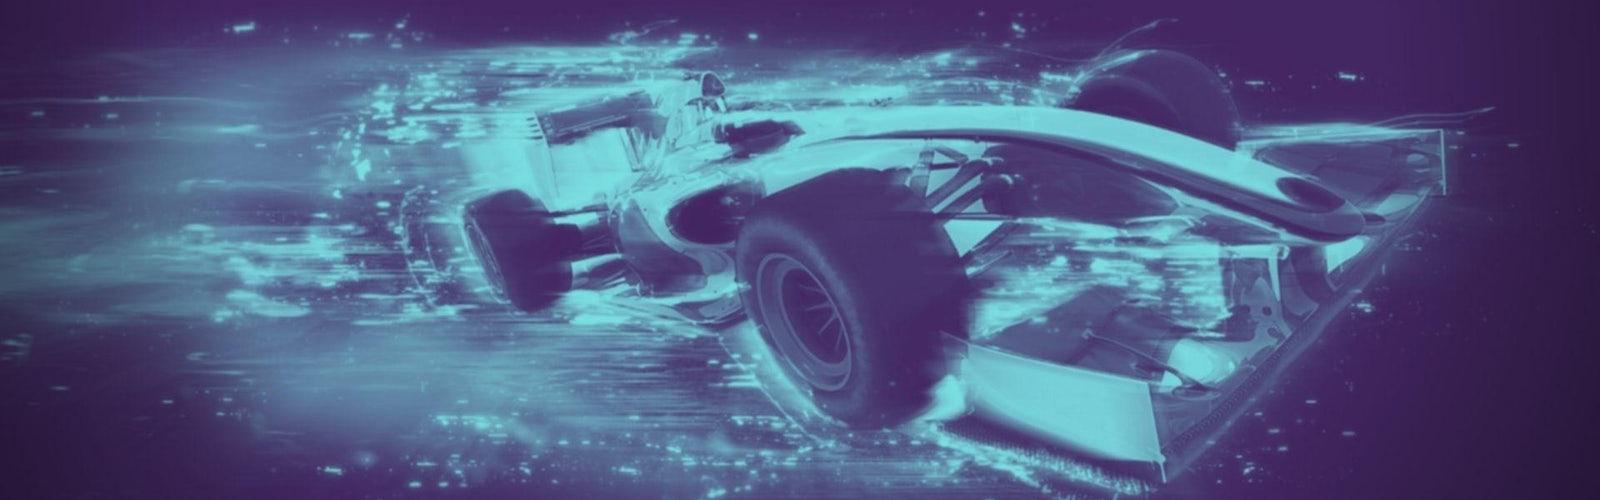 Formel 1 Wetten Header Banner